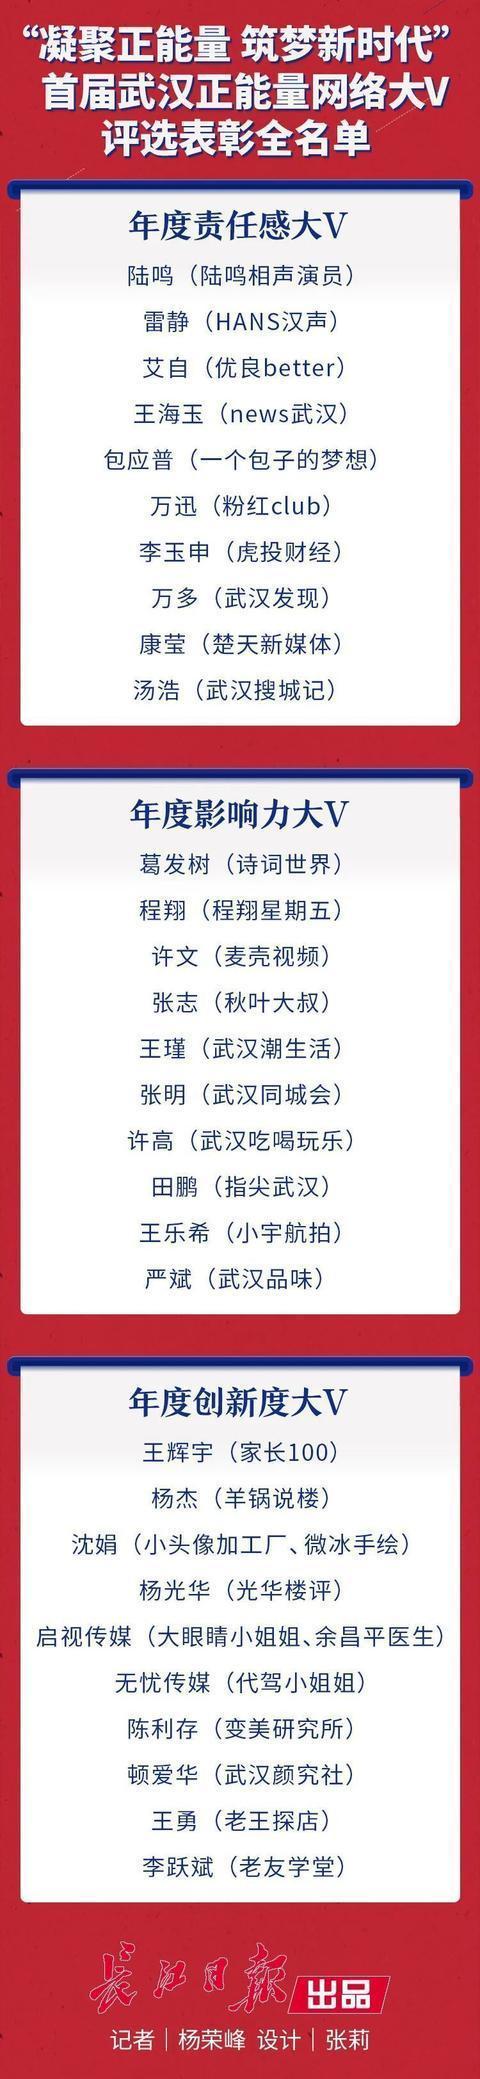 """30位互联网专家被授予""""武汉正能量网络V"""",用新鲜的作品向世界传达武汉的力量。 第1张"""